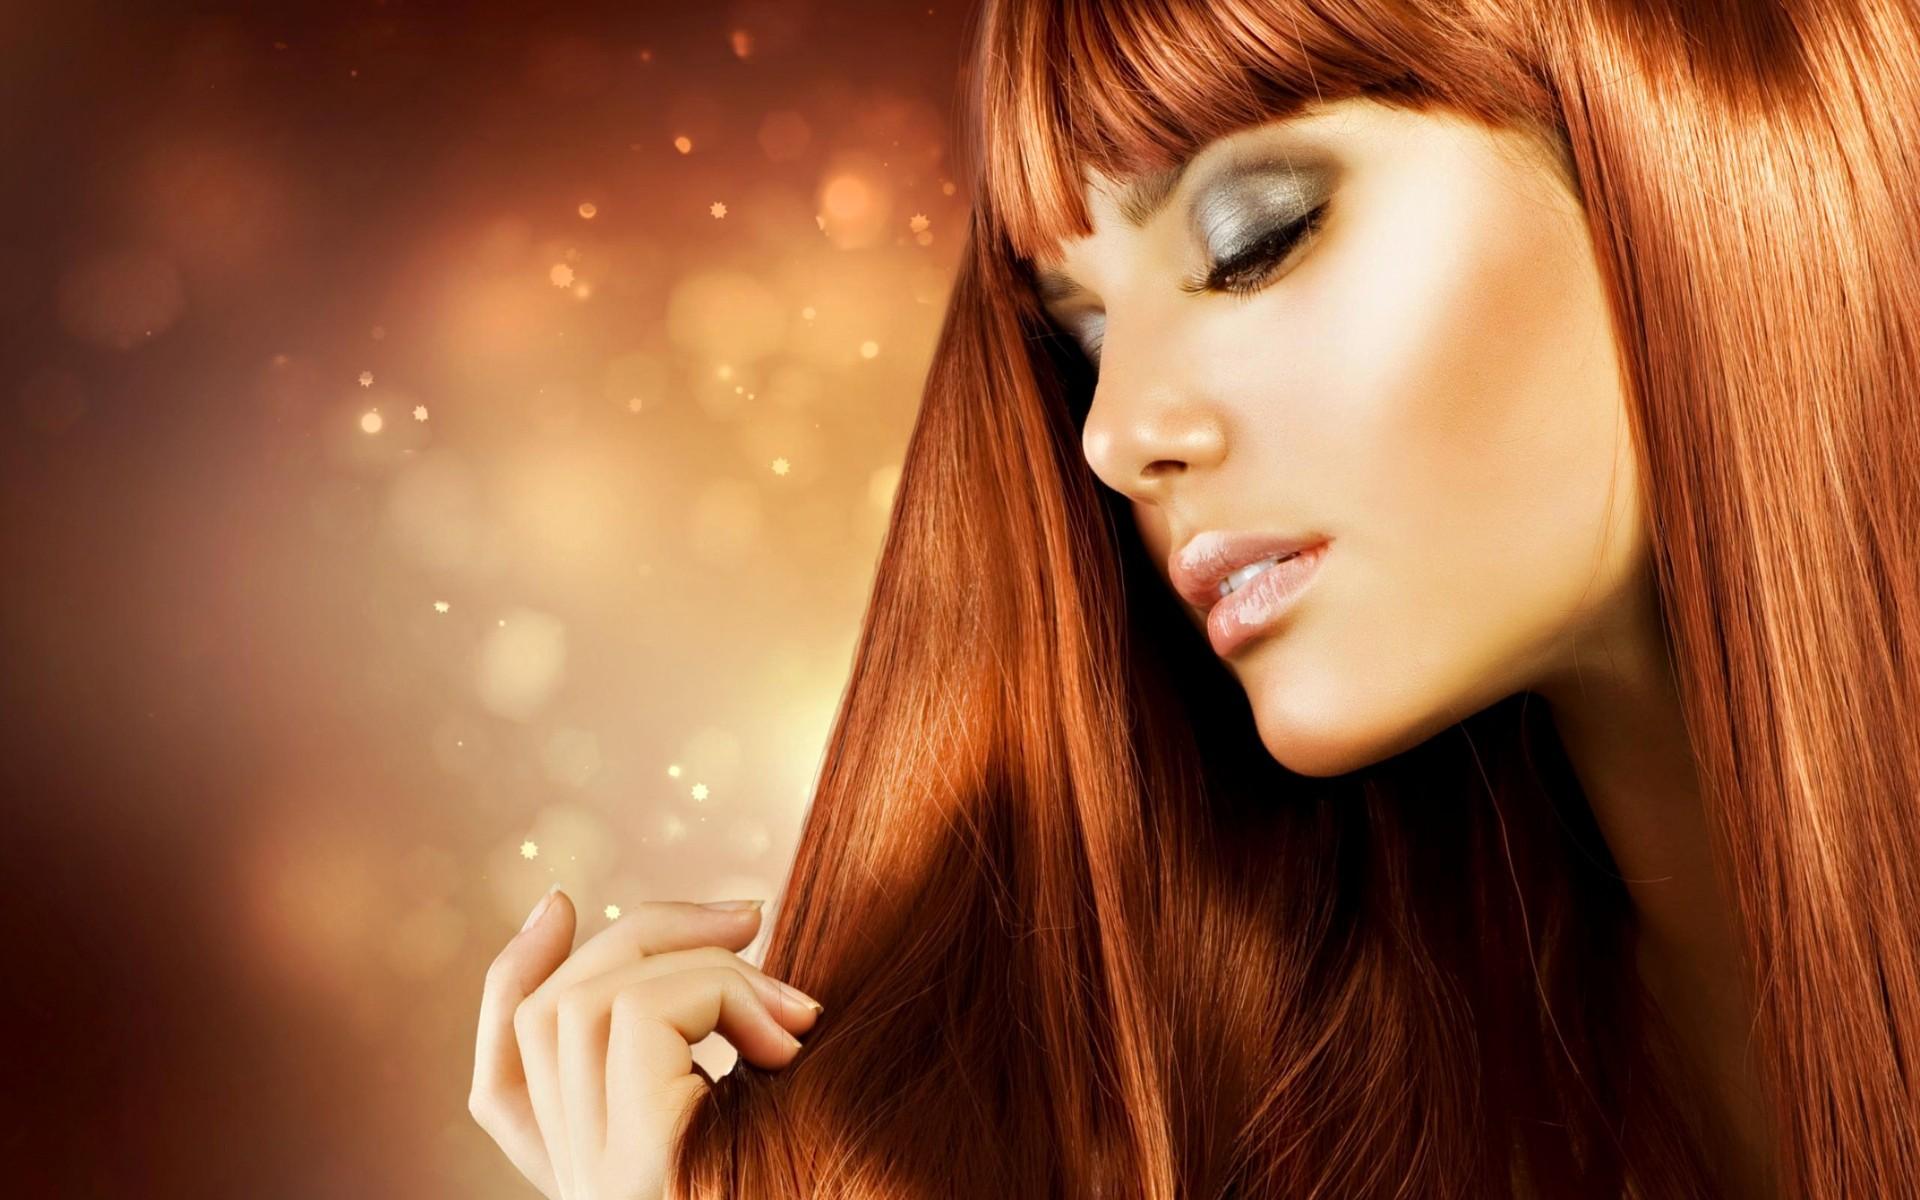 картинки наращивание волос для рекламы обруч или плетение